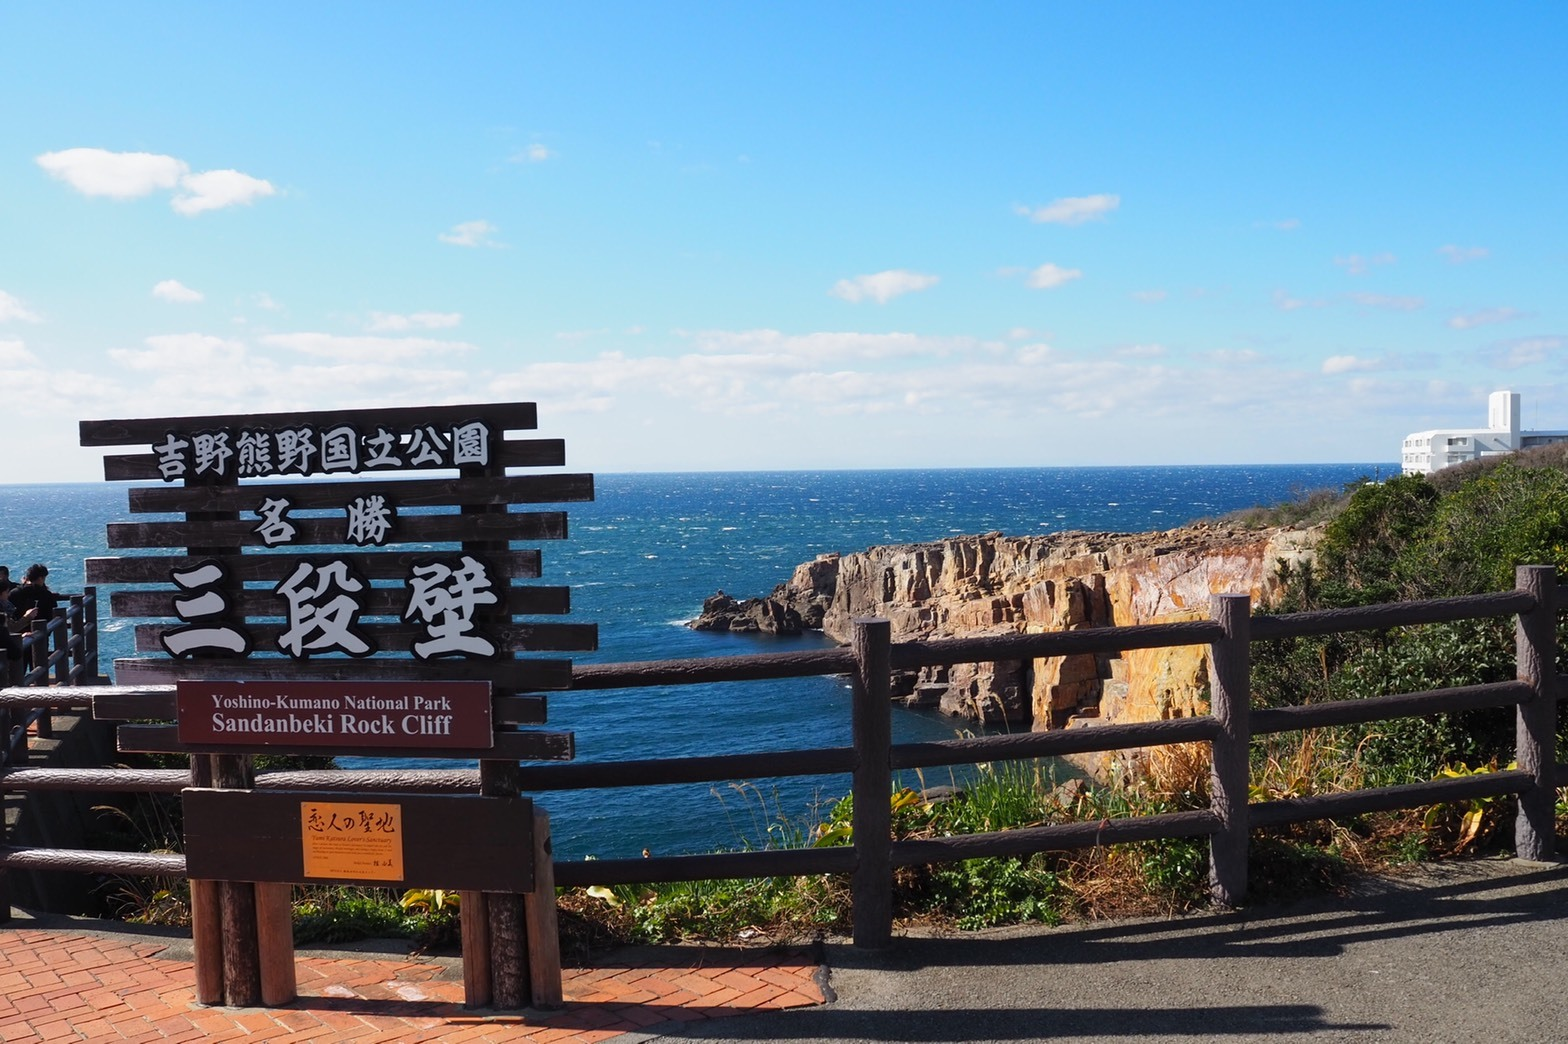 motorcycle-touring-blog-wakayama-shirahama-sandanheki.jpg